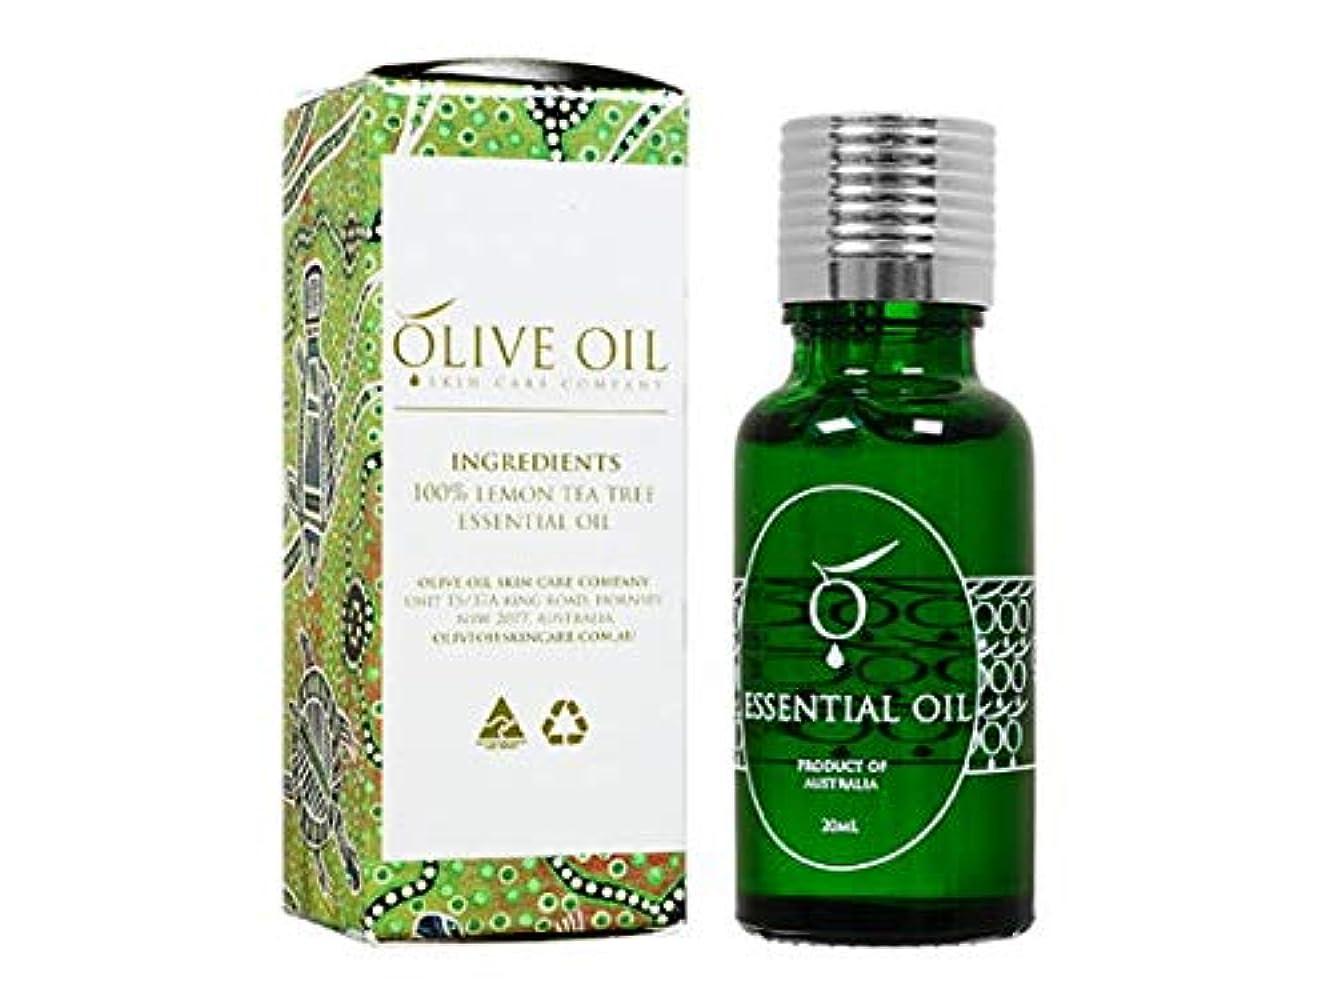 尊敬するアンビエント備品OliveOil エッセンシャルオイル?レモンティーツリー 20ml (OliveOil) Essential Oil (Lemon Tea Tree) Made in Australia